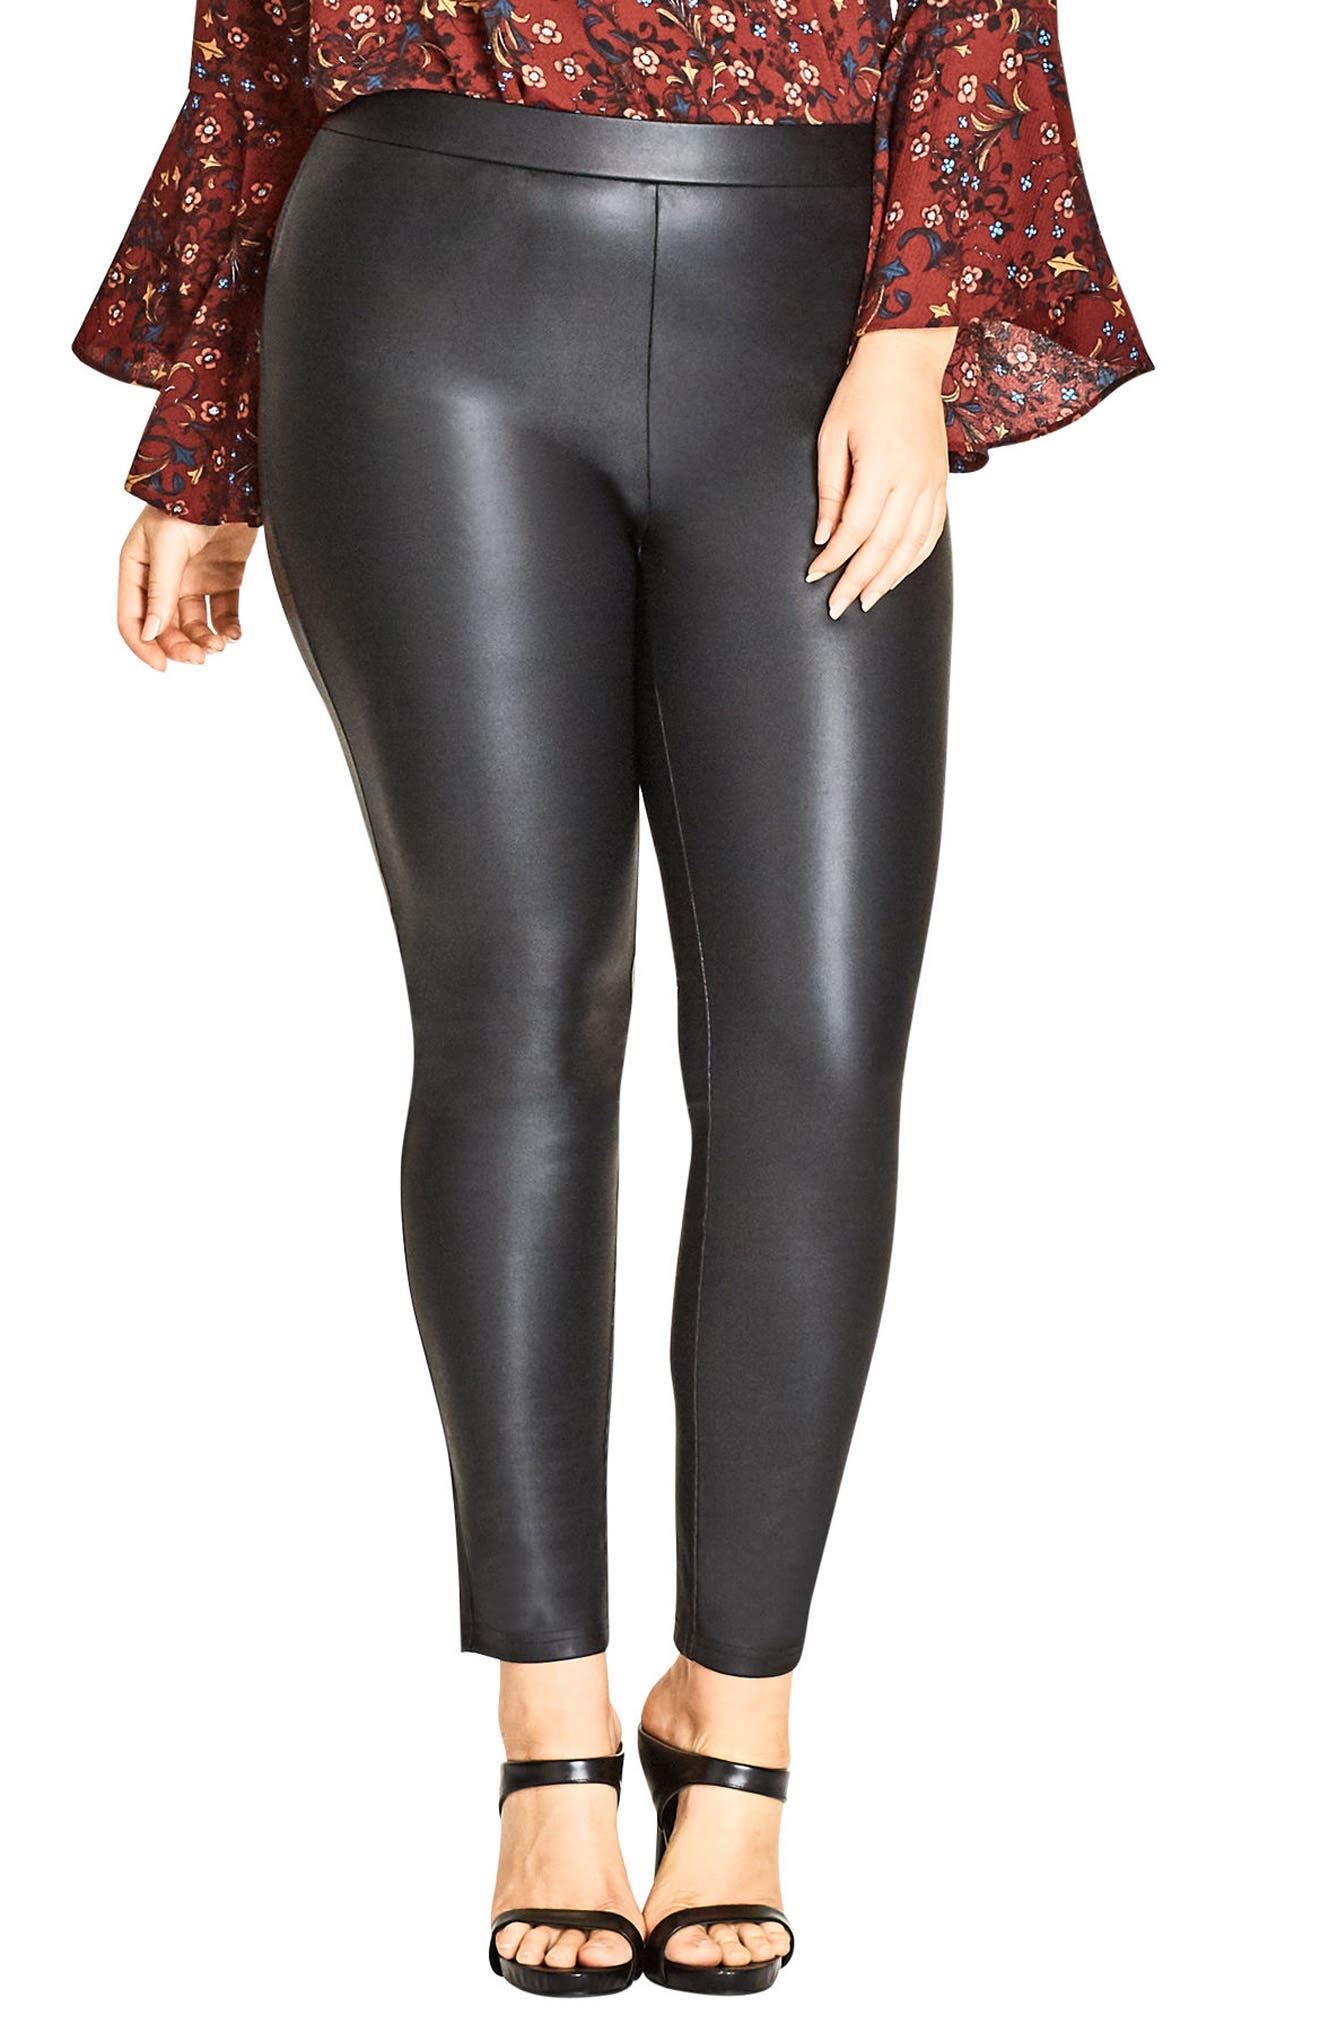 Asha Wet Look Leggings,                         Main,                         color, Black